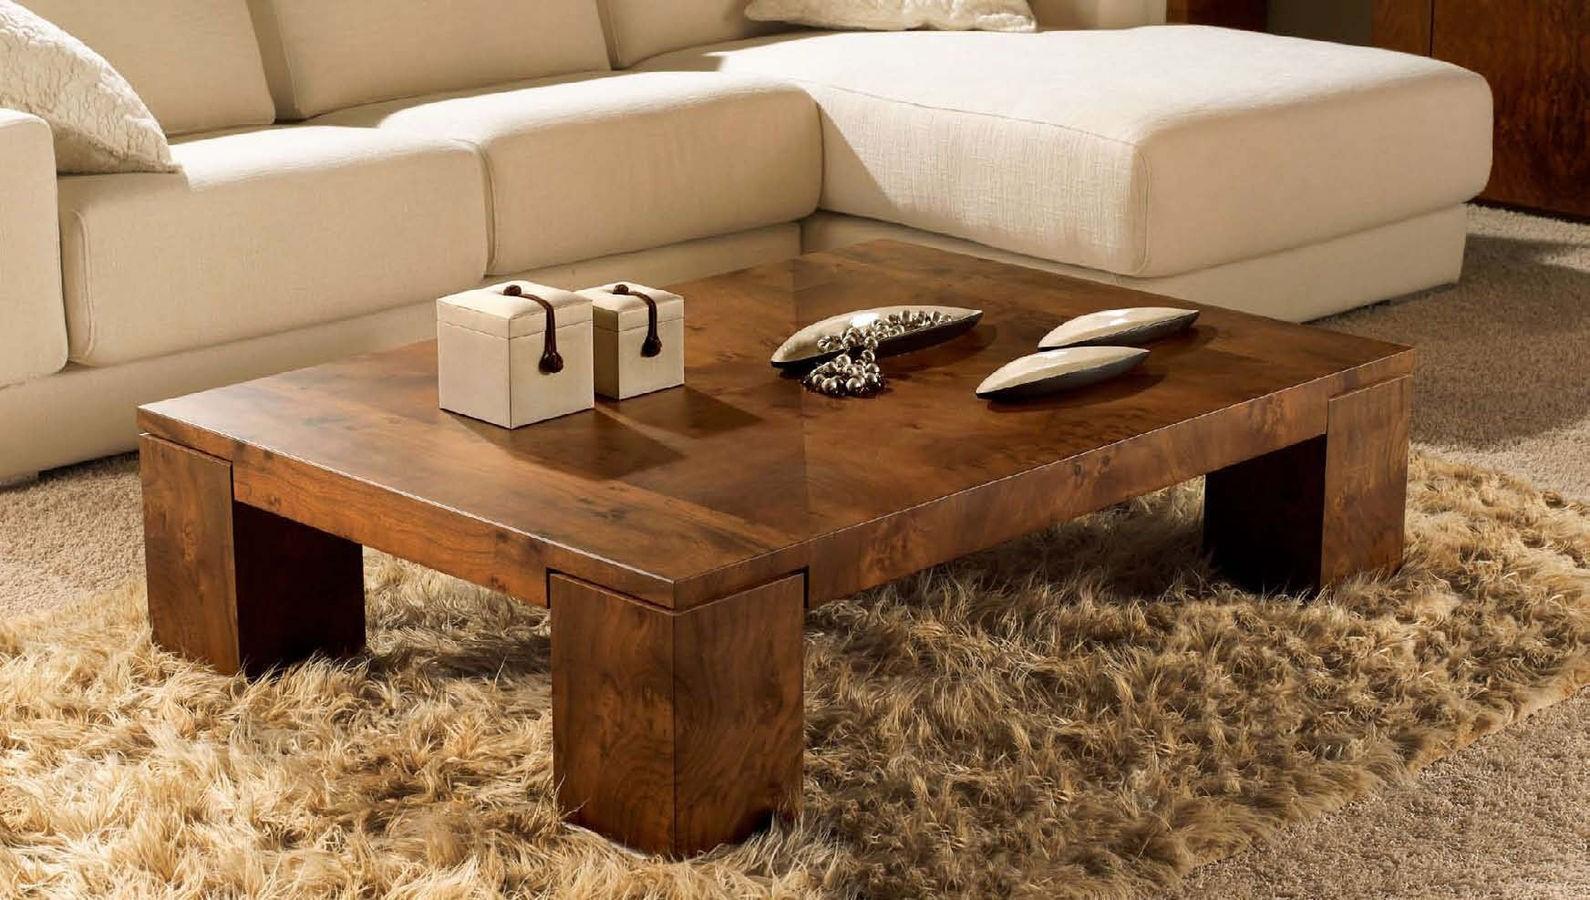 Столики дизайн столиков фото